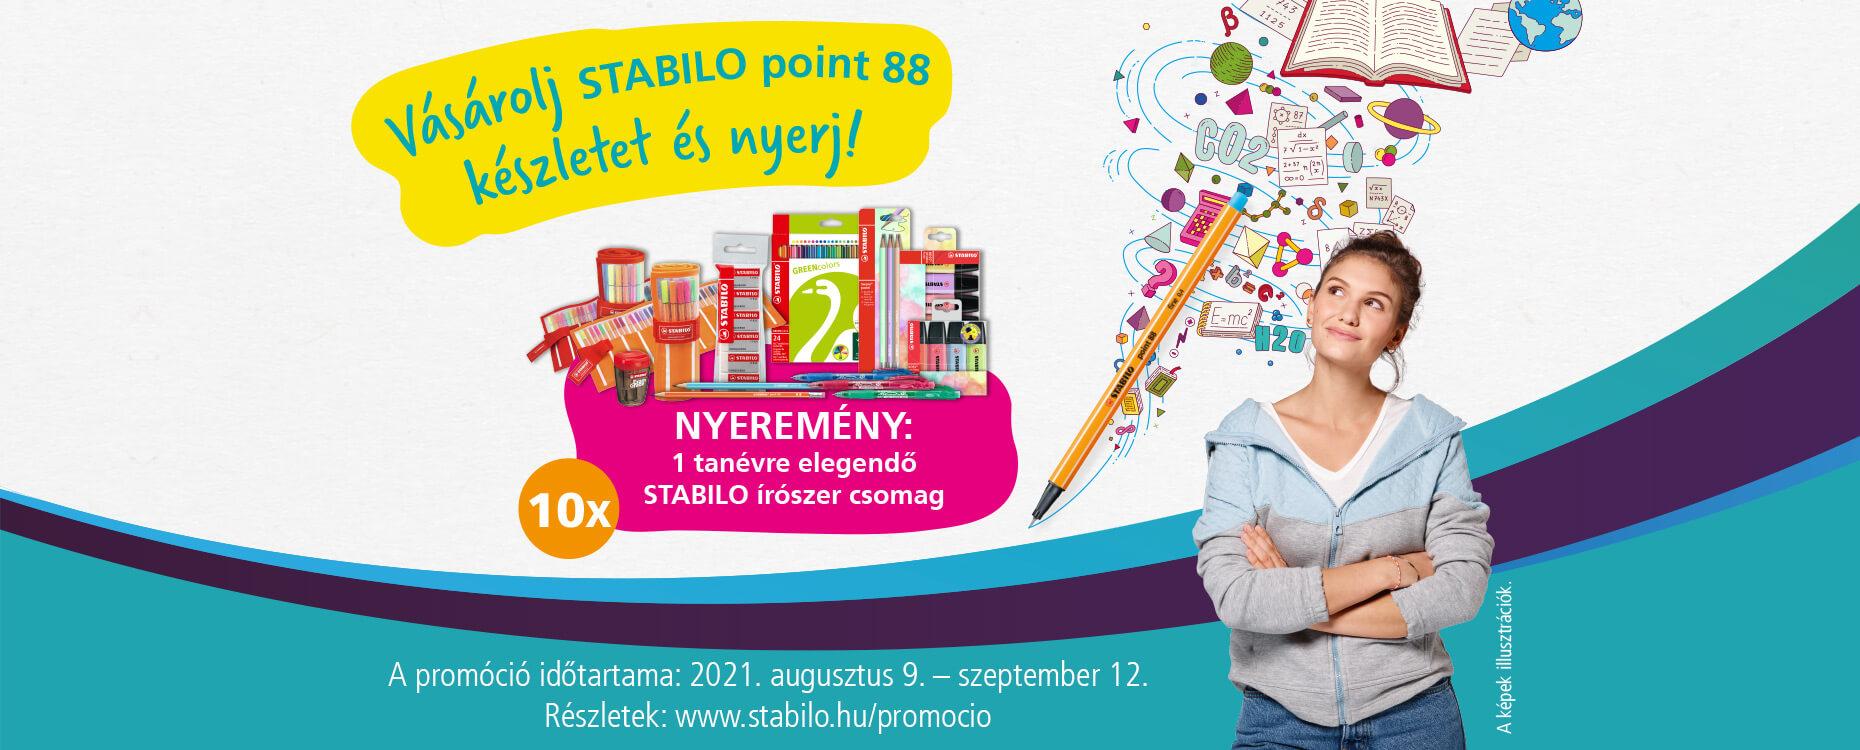 STABILO point 88 nyereményjáték 2021